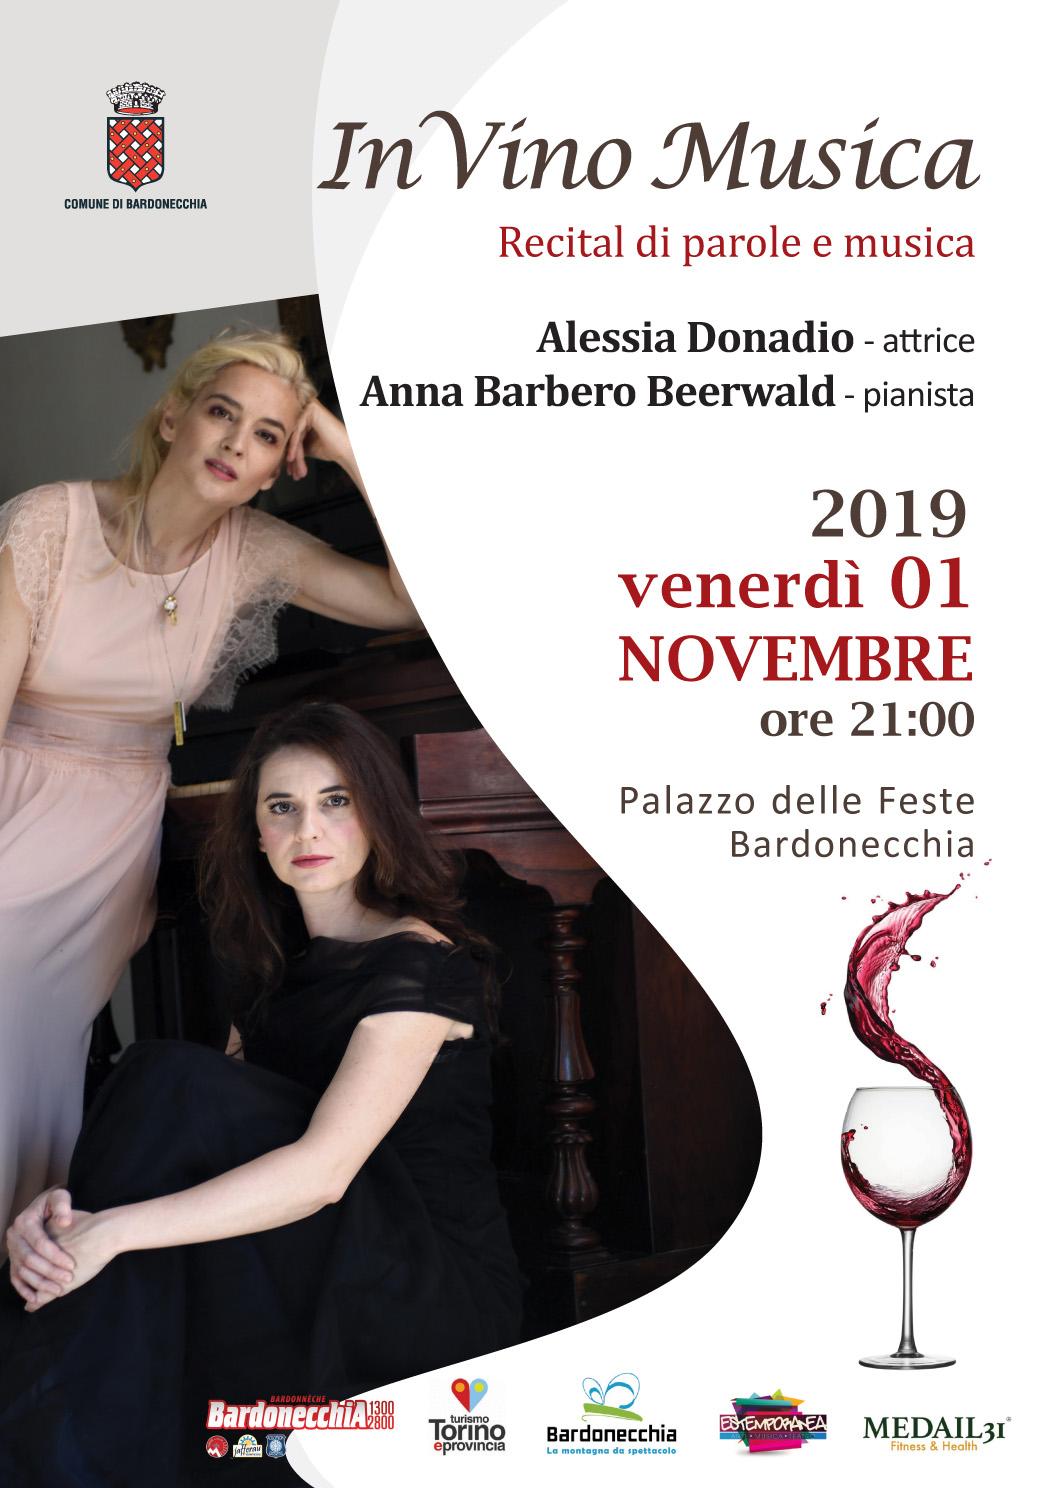 Bardonecchia eventi - In vino musica - 1°novembre